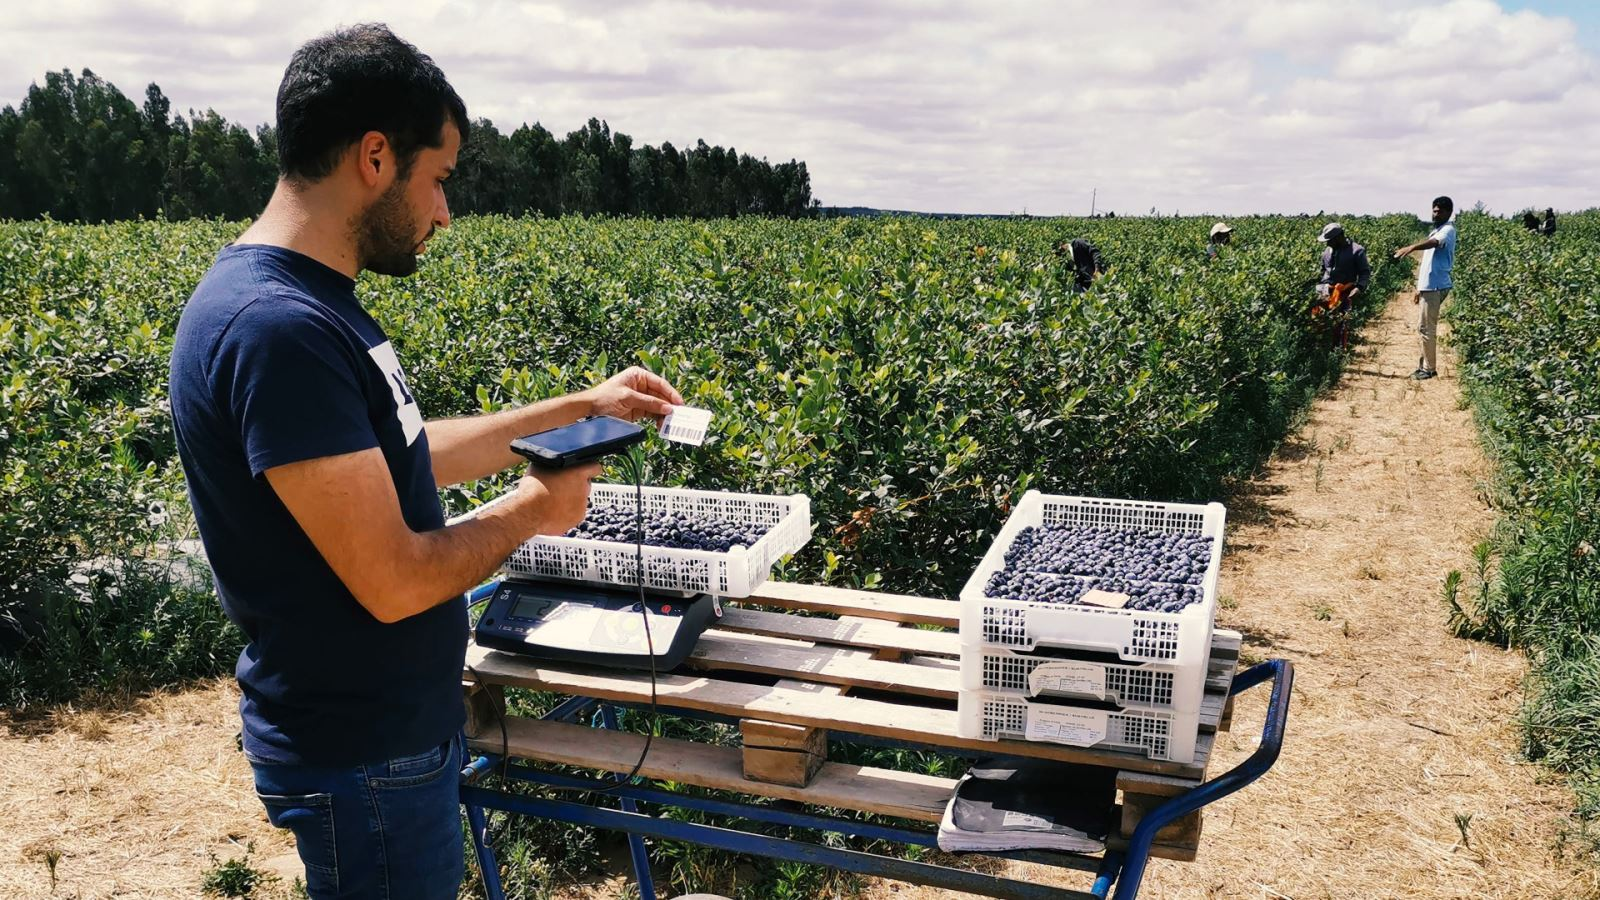 gestão de produção agrícola